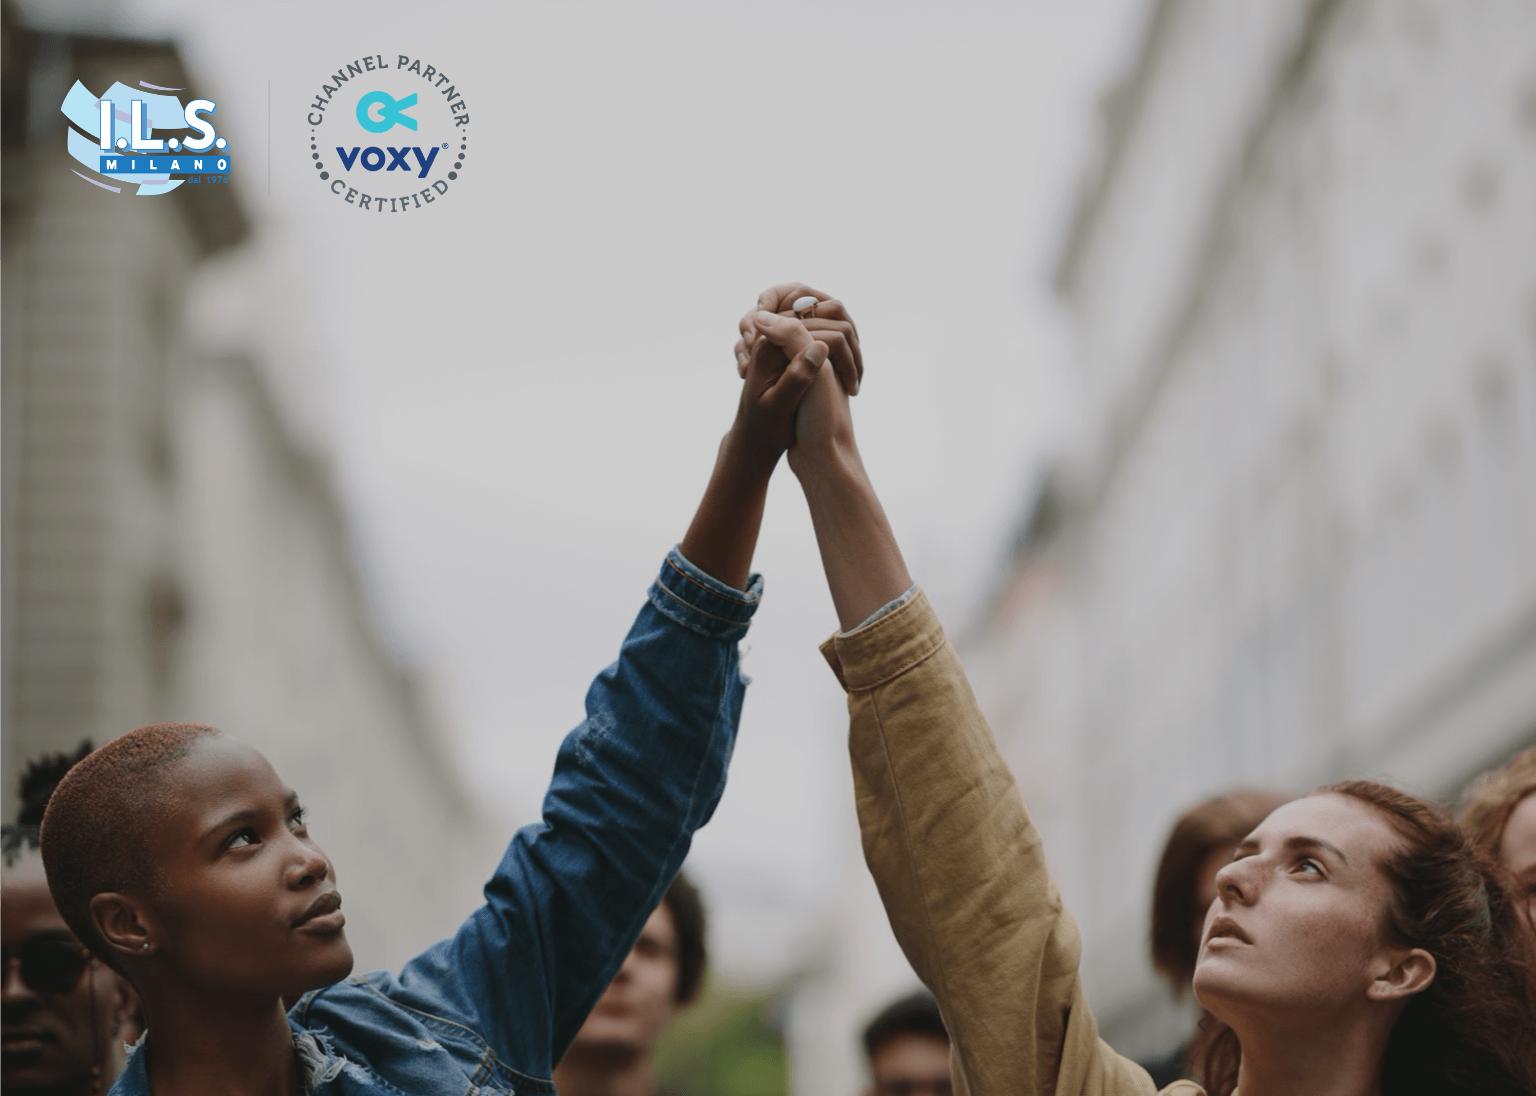 Il nuovo corso di Voxy per approcciarsi ai temi della diversità e dell'inclusione Diversity & Inclusion inglese corso di inglese